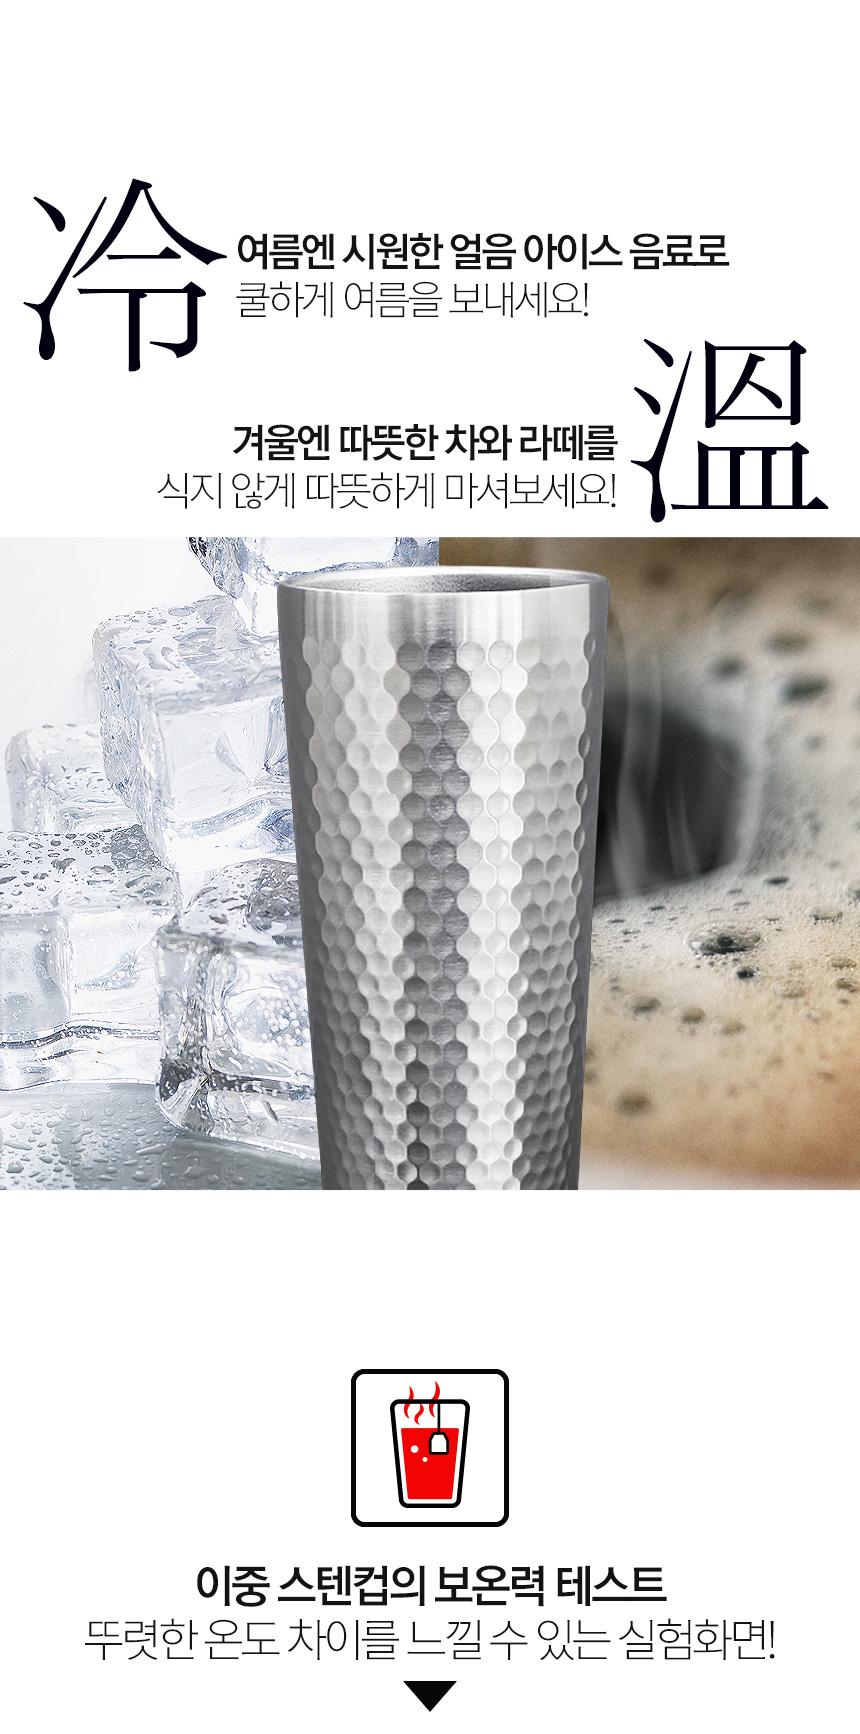 보온보냉 이중 스텐 냉장고컵 350ML - 홈앤하우스, 10,900원, 보틀/텀블러, 스테인레스 텀블러